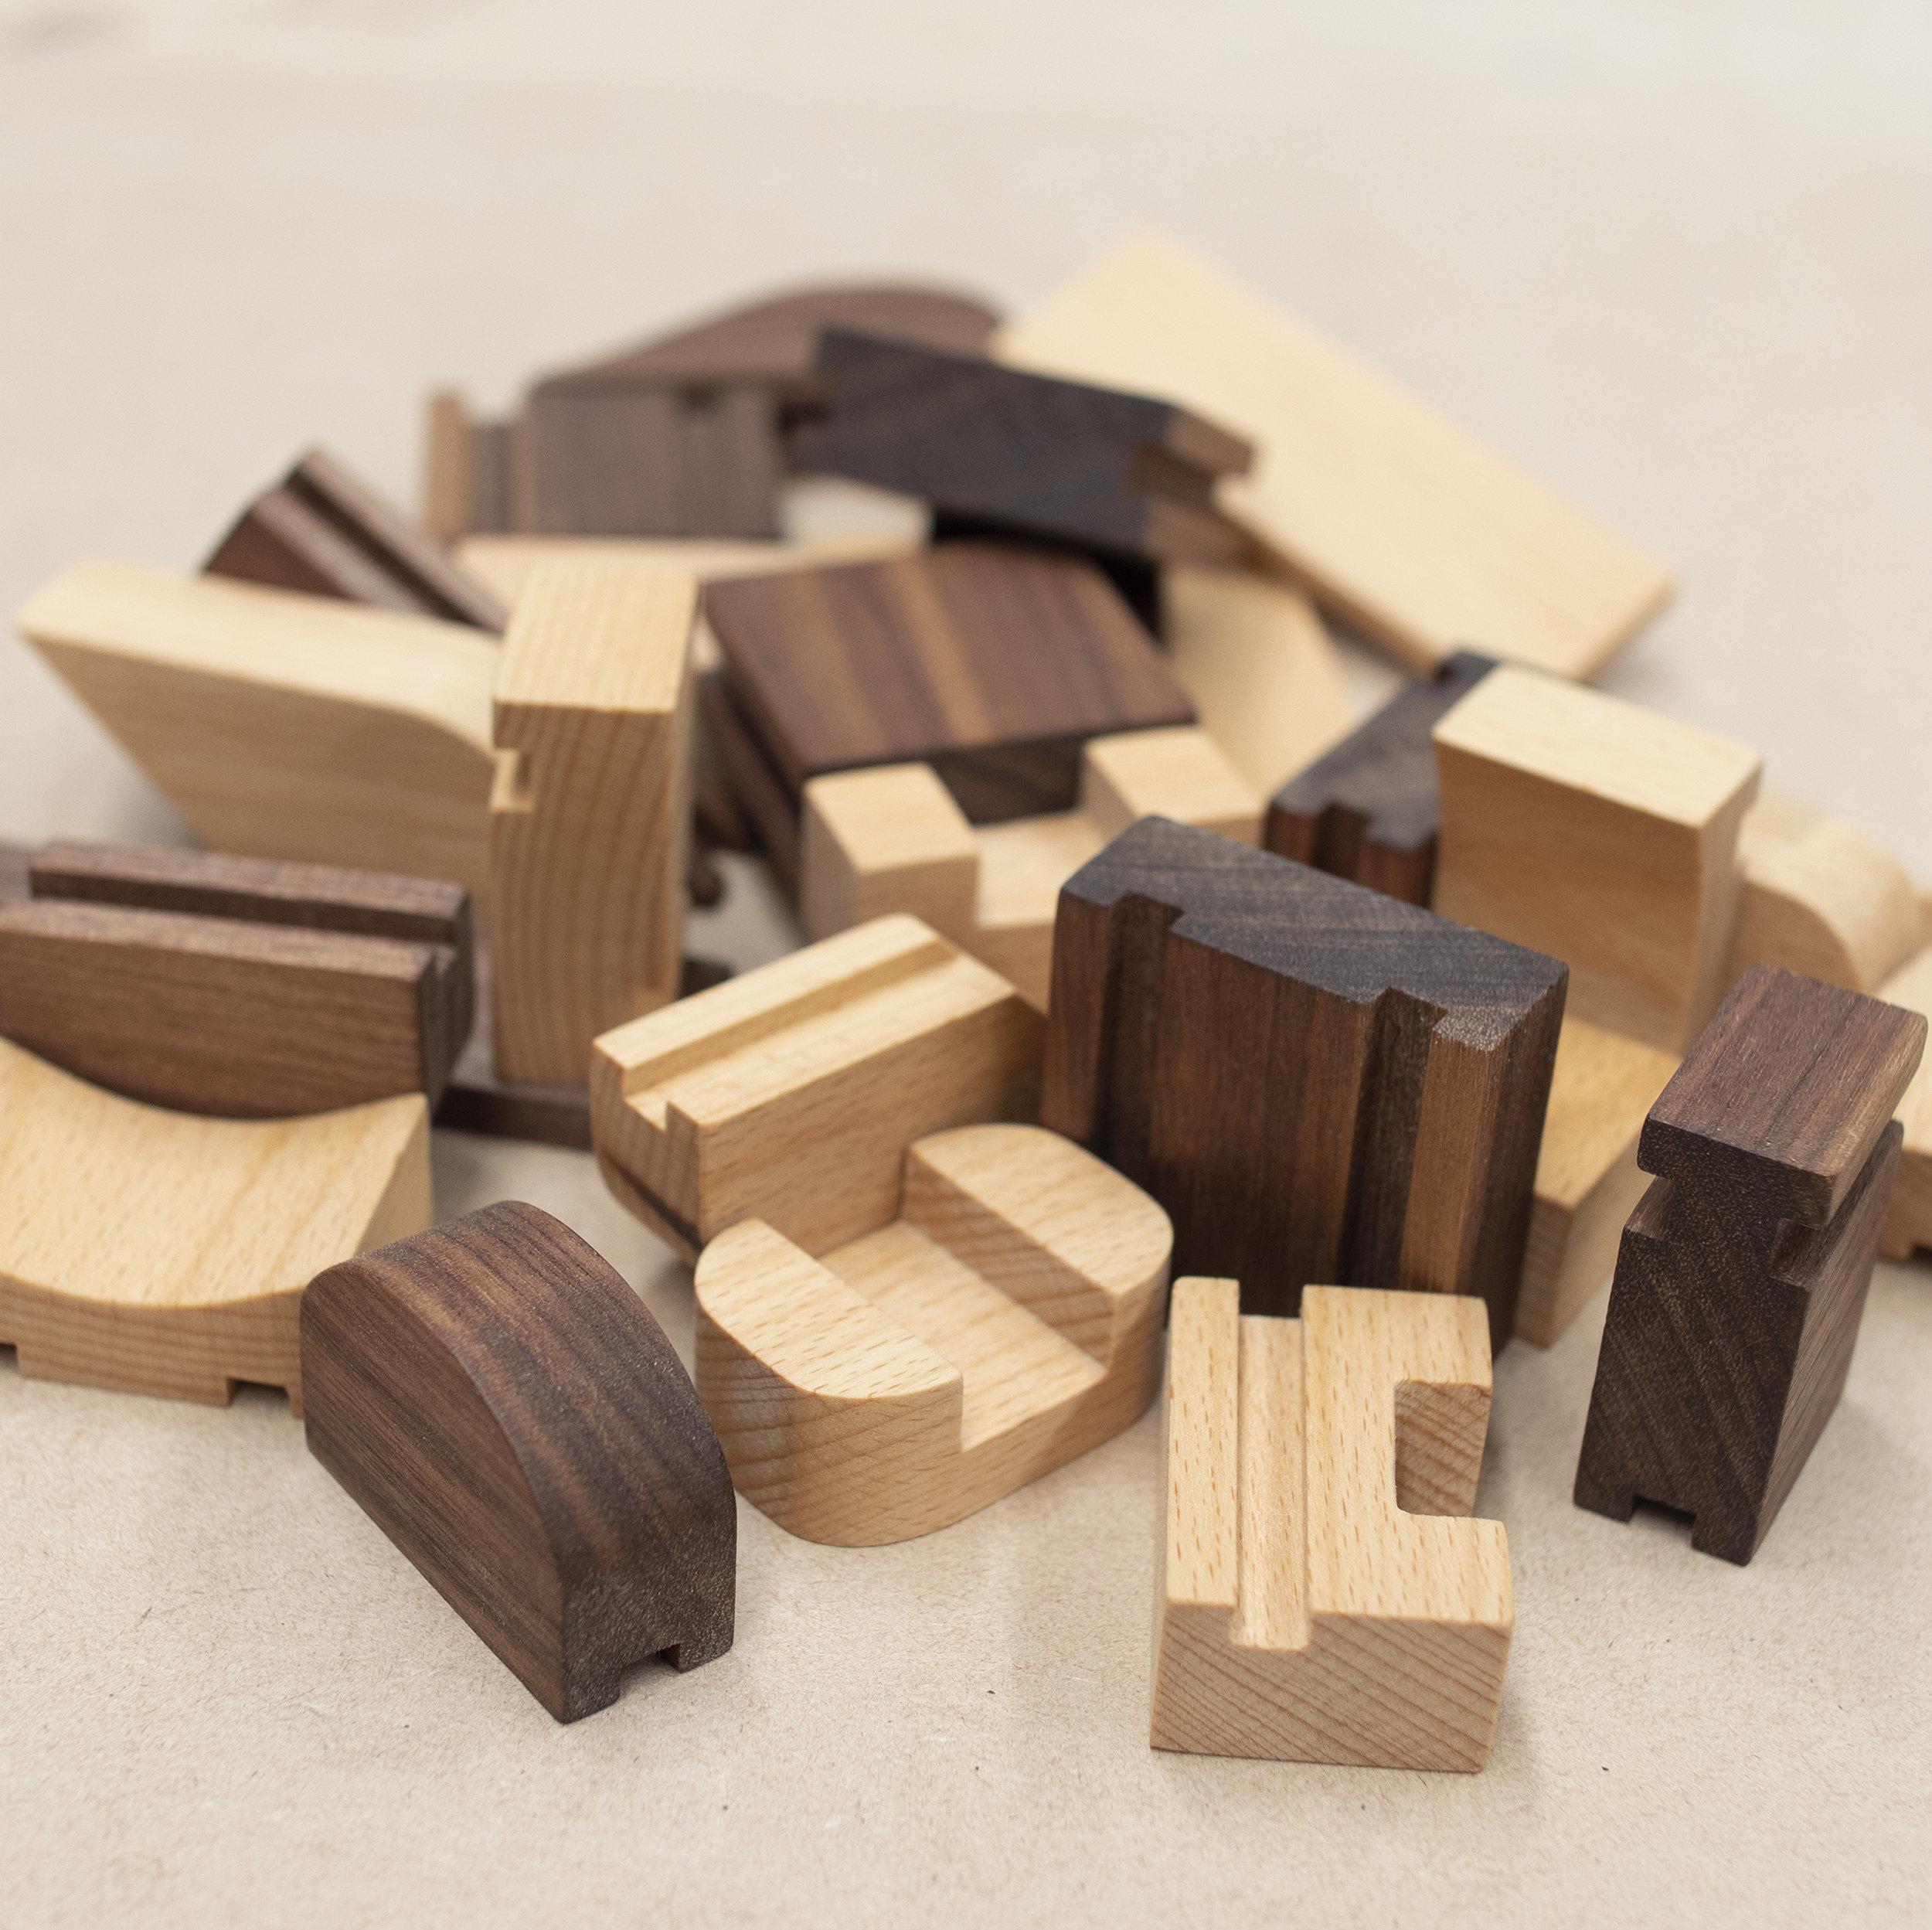 Custom made wooden blocks